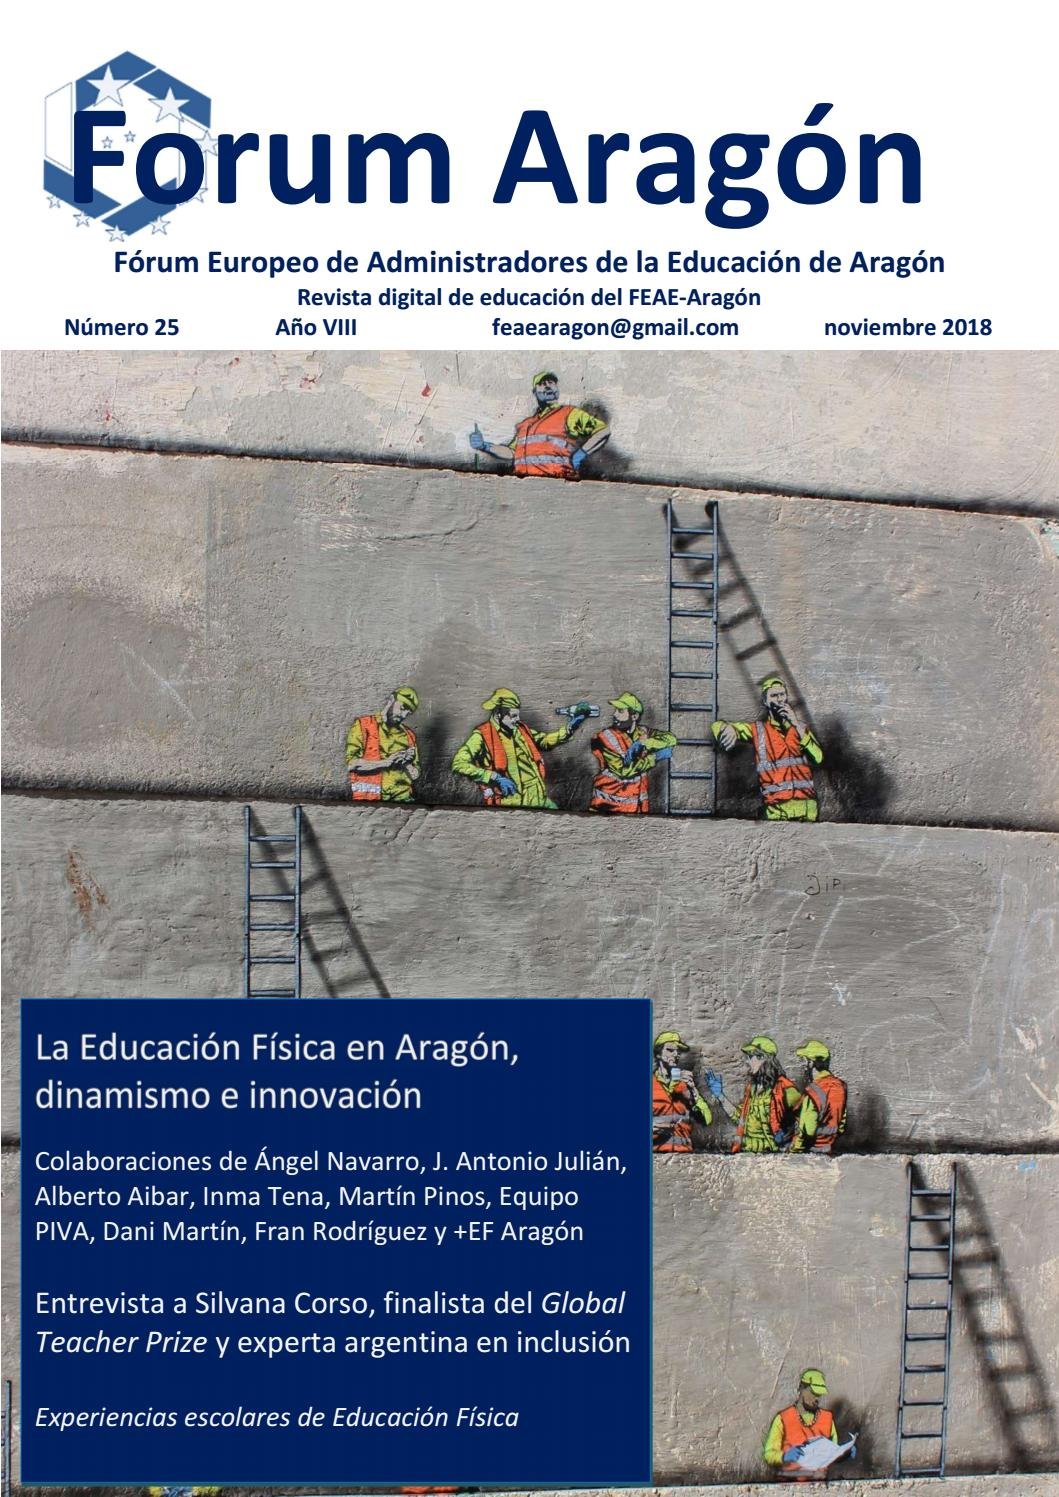 5715cc8a5 Forum Aragón 25 La Educación Física en Aragón, dinamismo e innovación by  Revista Forum Aragón - issuu